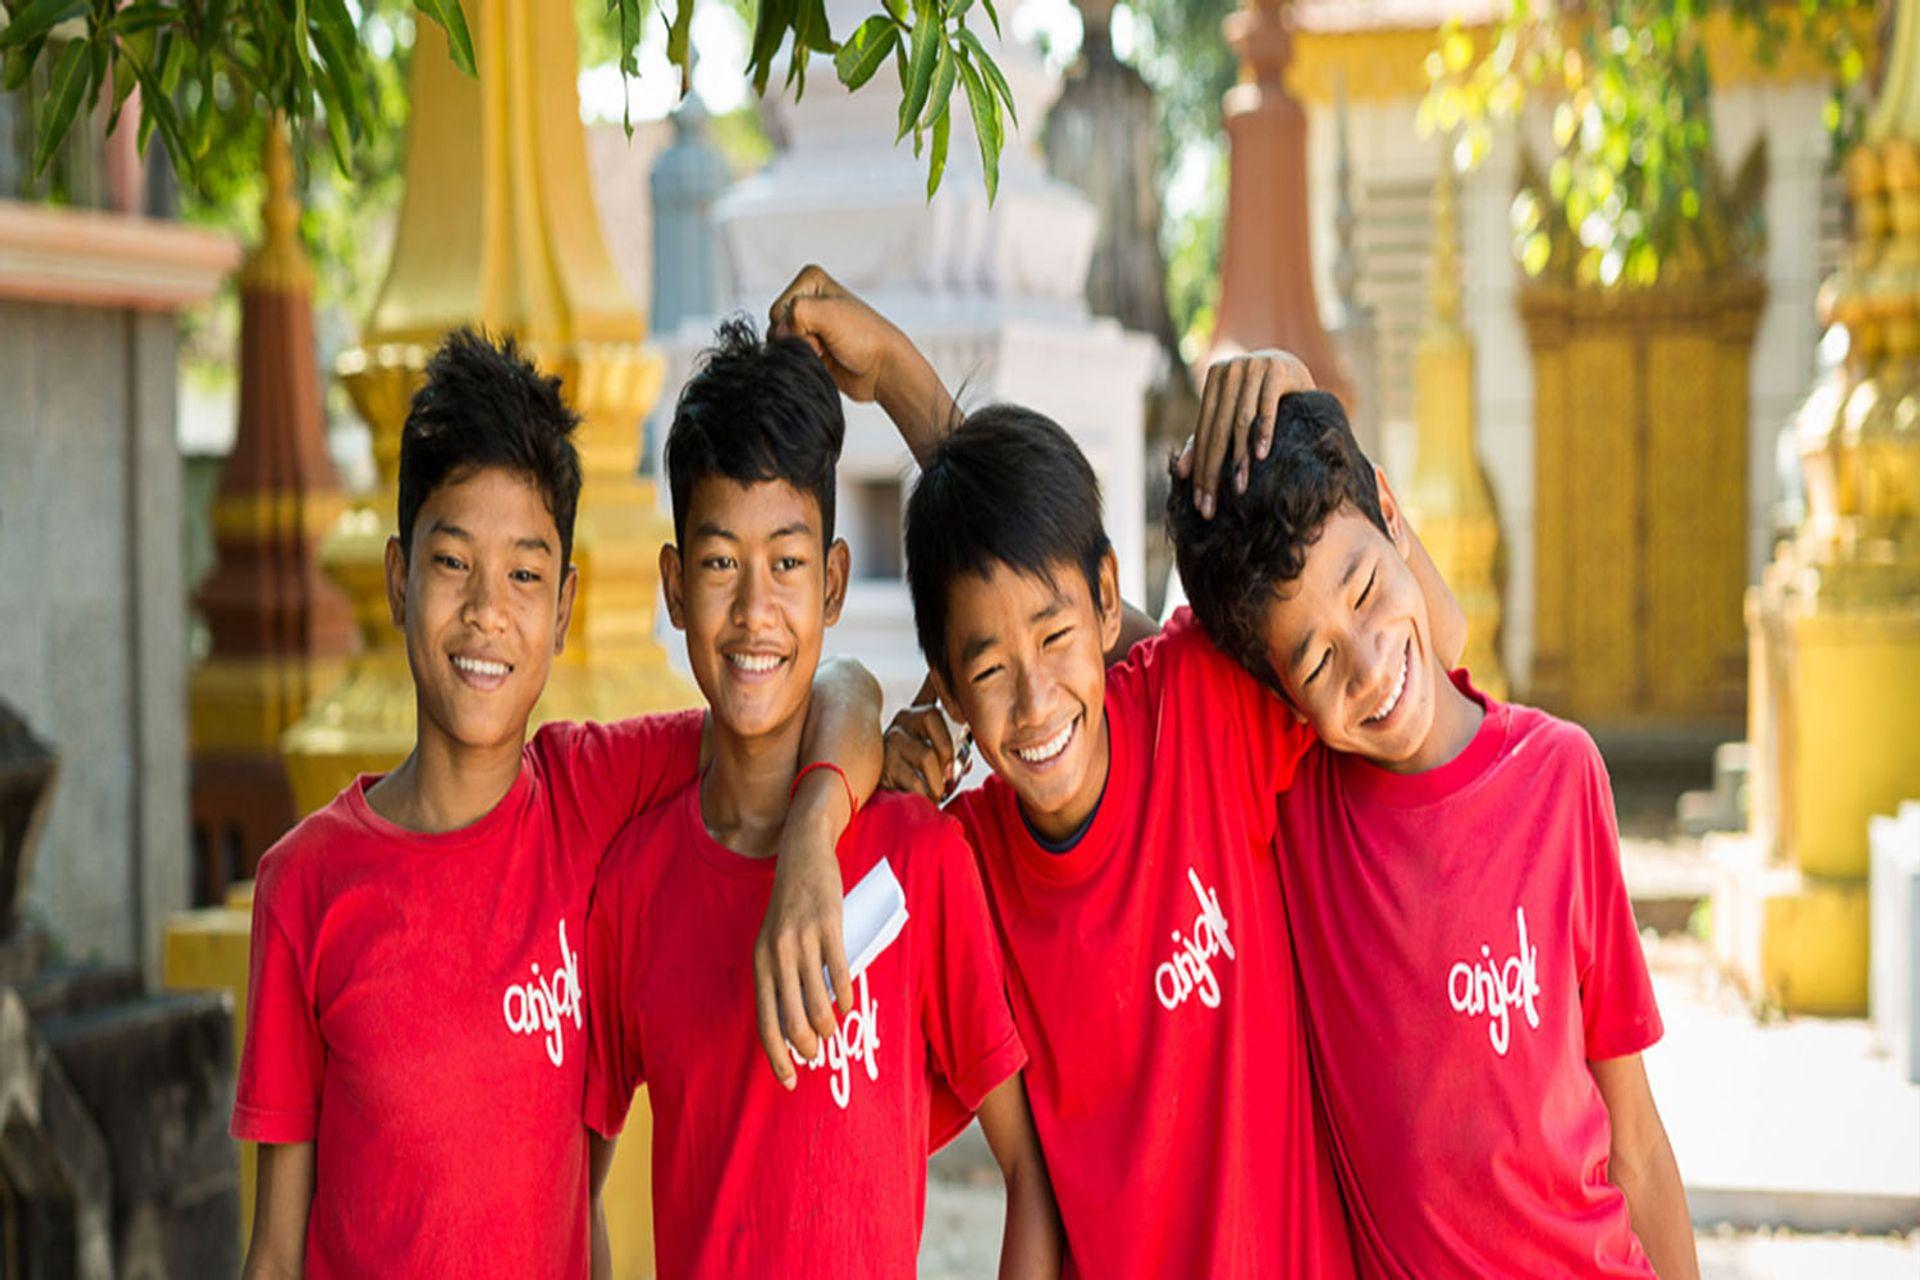 Nụ cười trong giao tiếp của người Campuchia